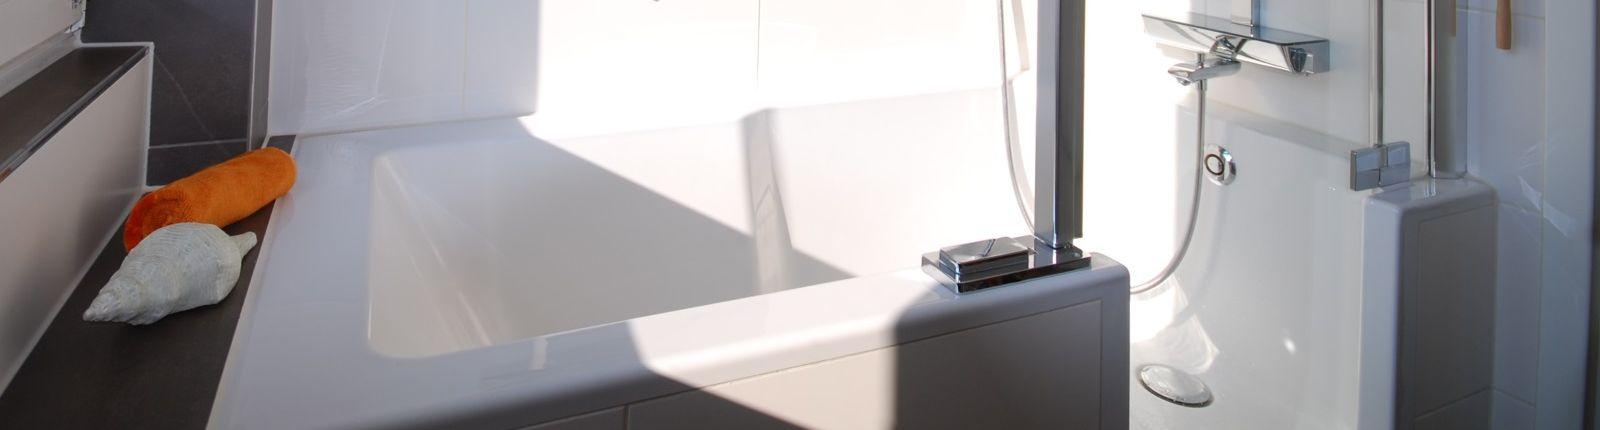 Referenzen Badezimmer